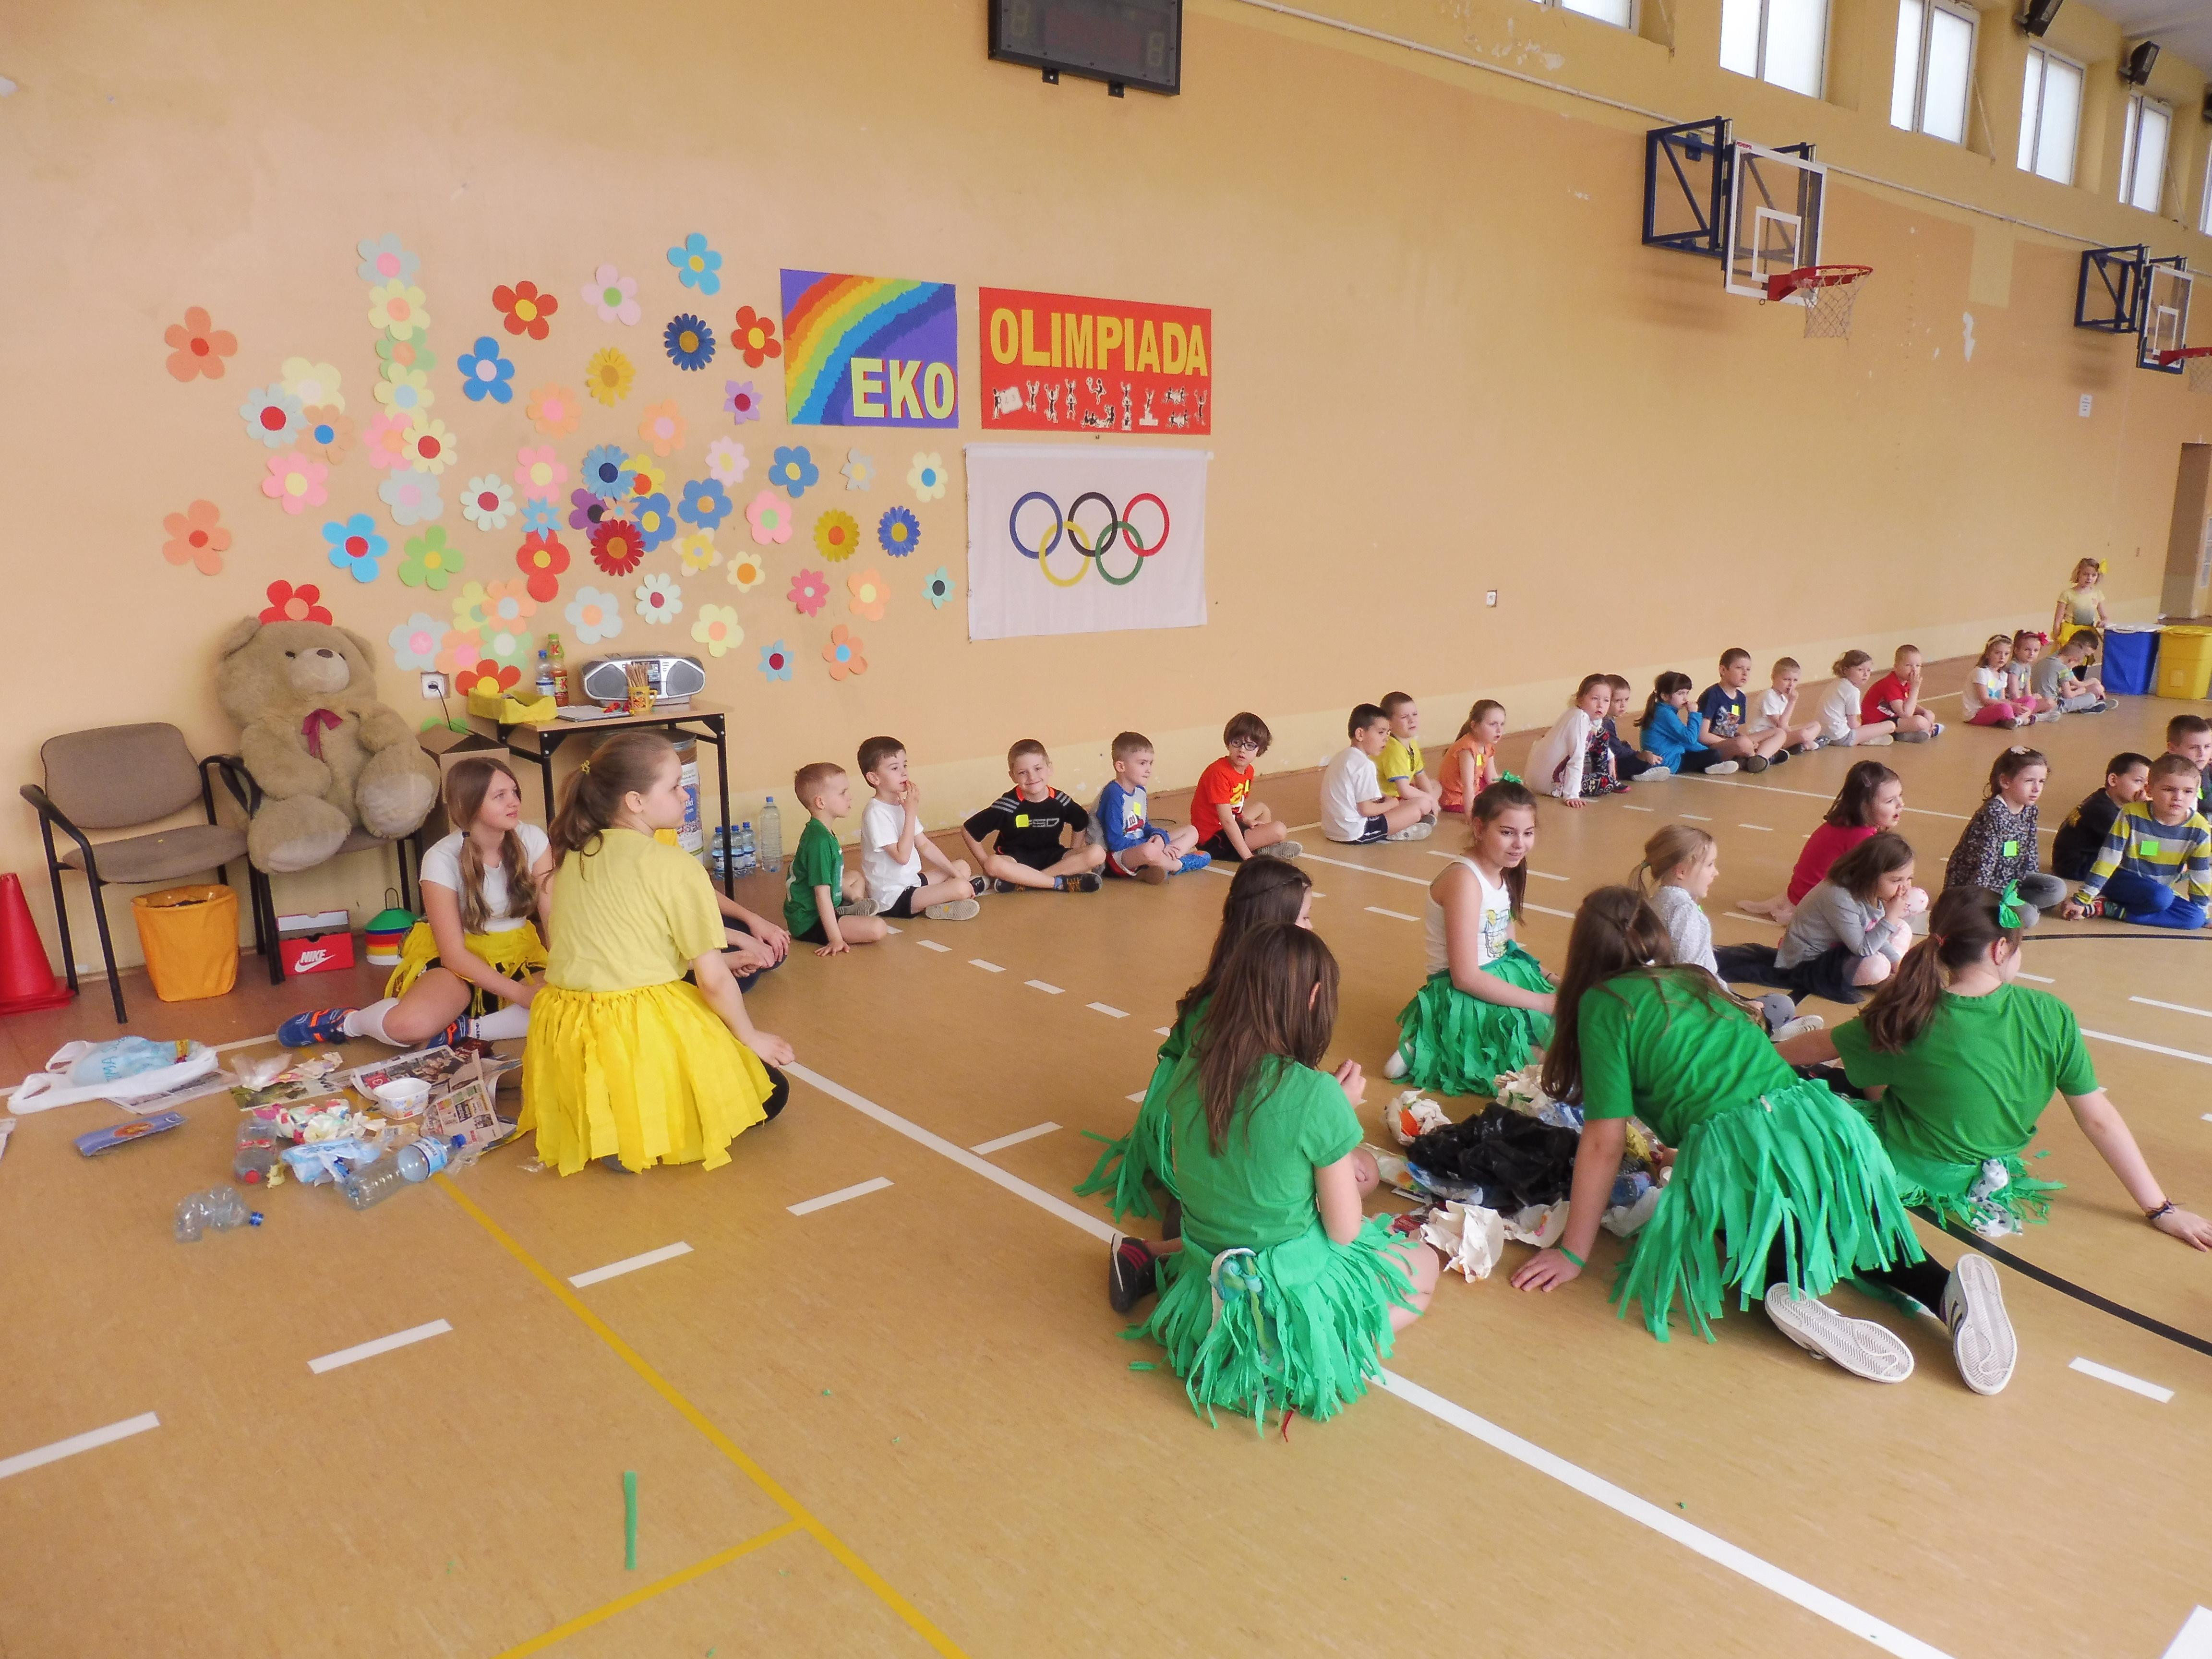 Eko – olimpiada dla przedszkolaków, 20 kwietnia 2016 r.